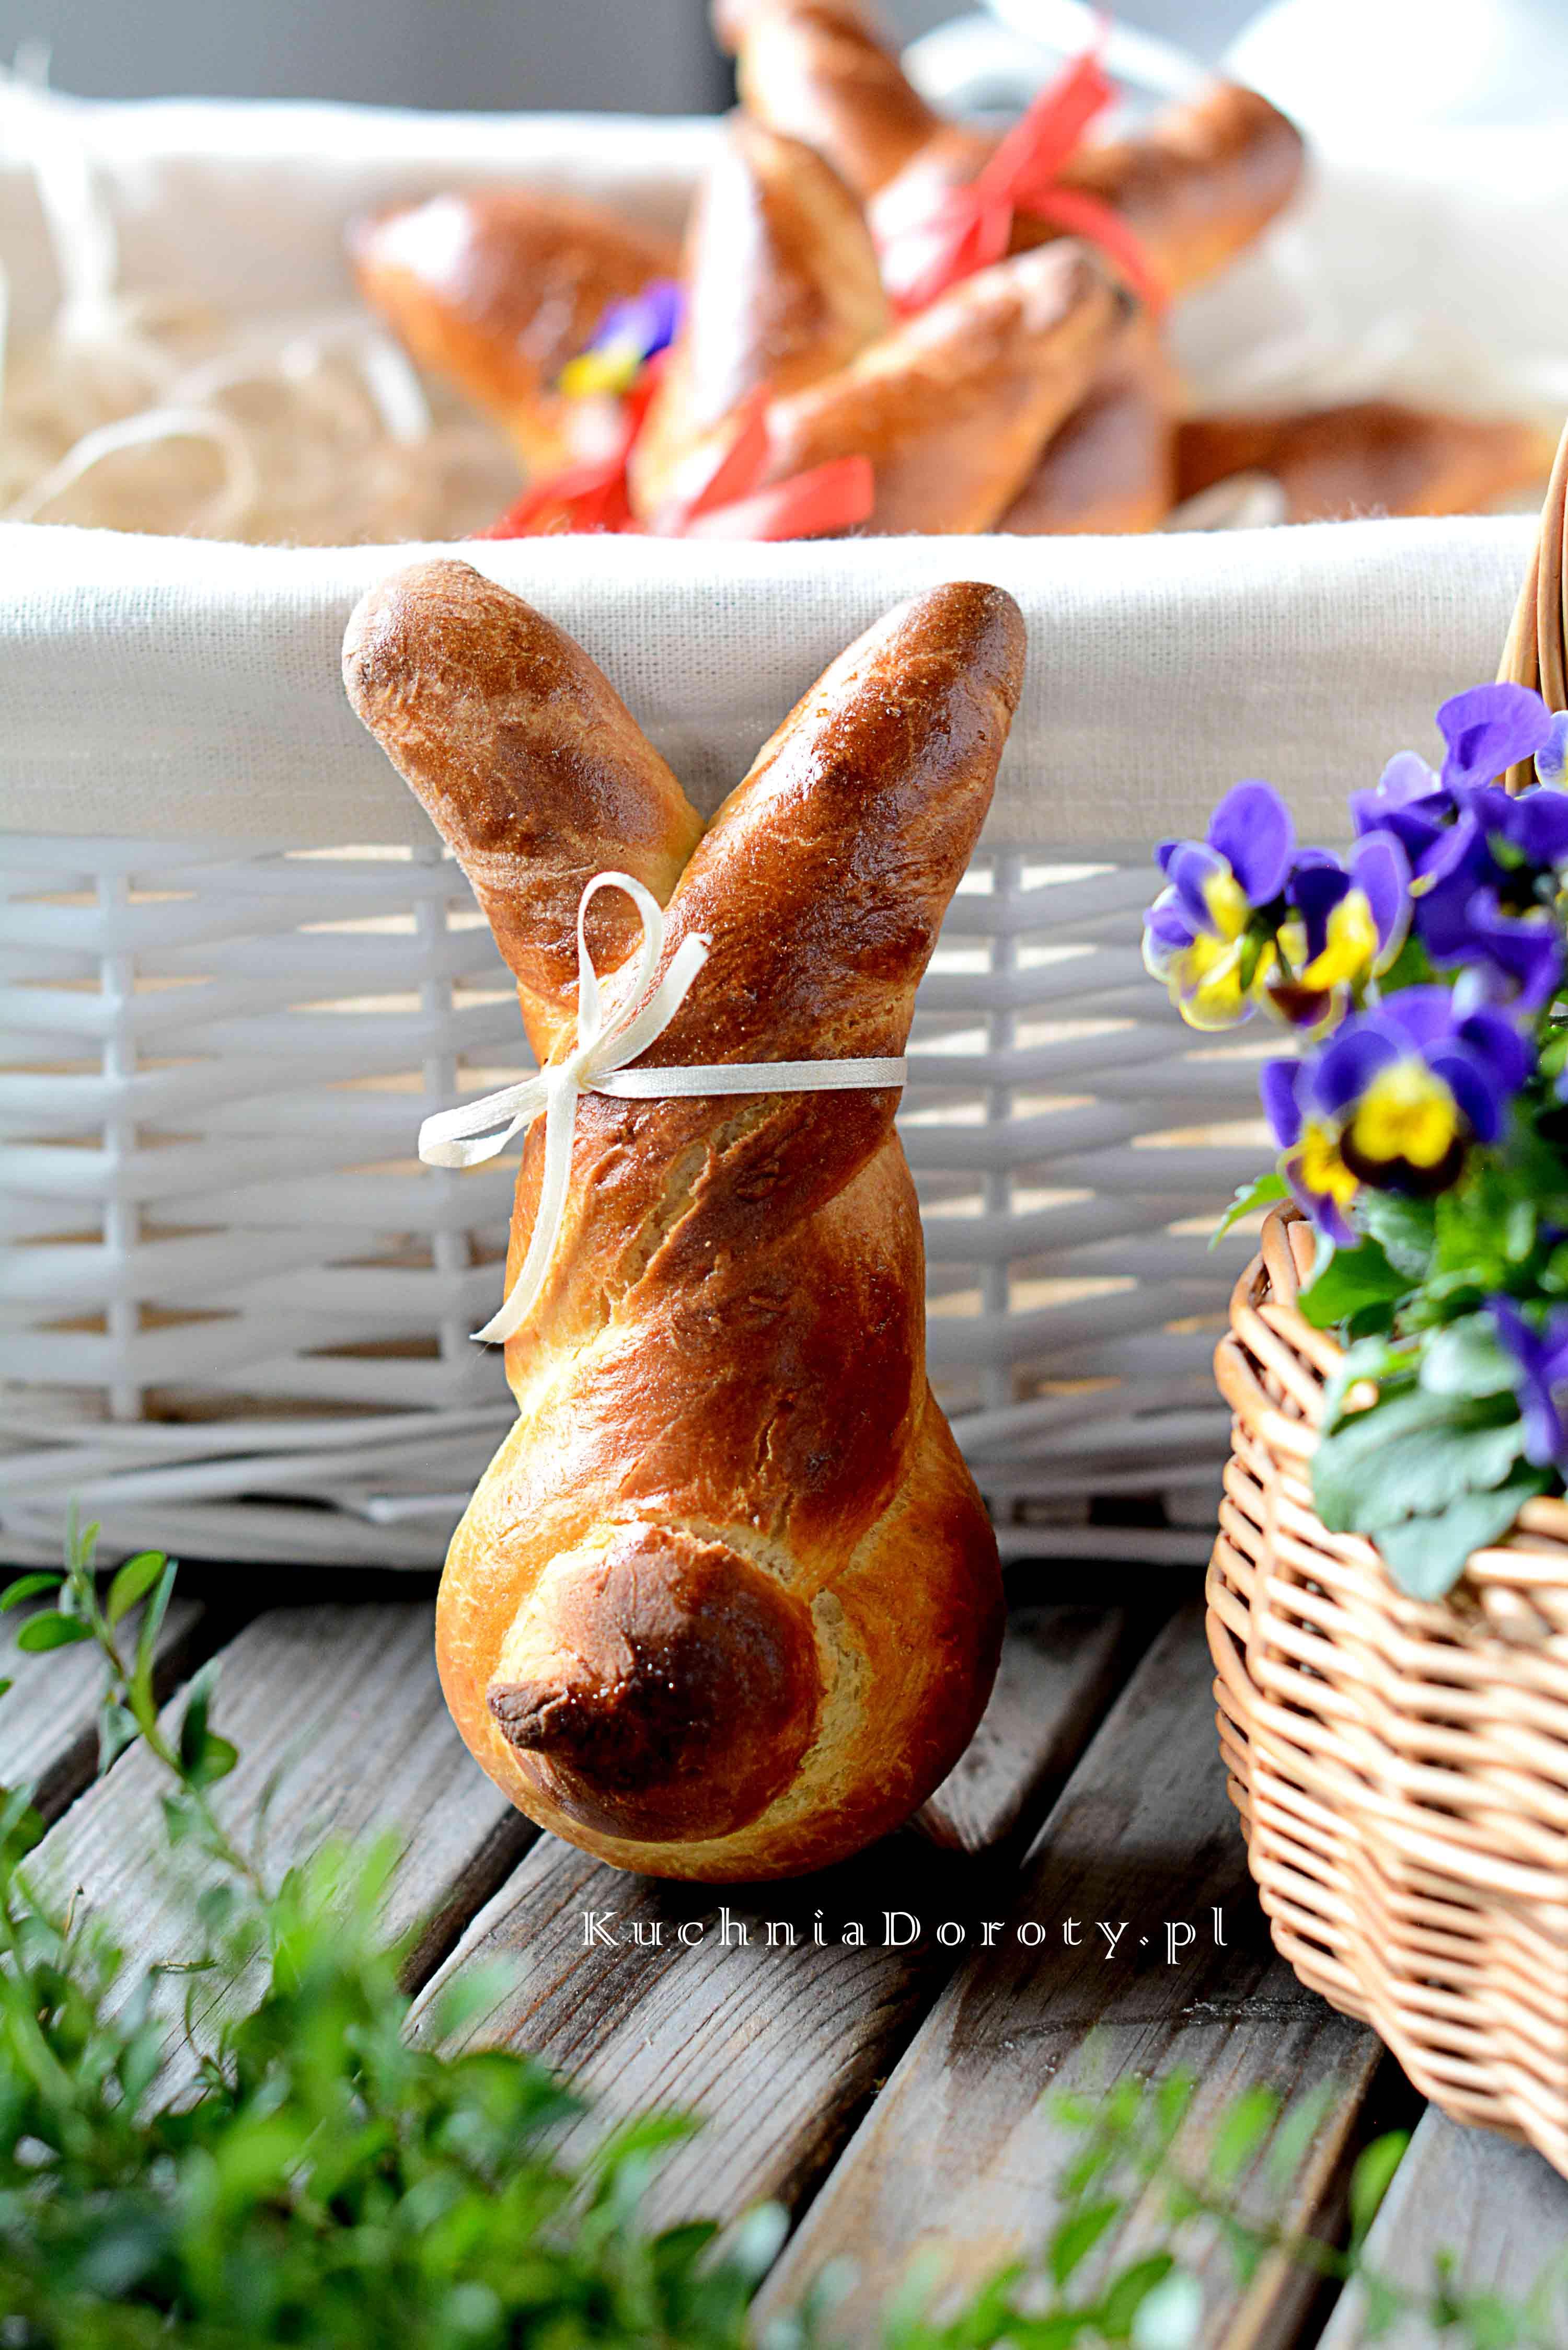 Zające Wielkanocne